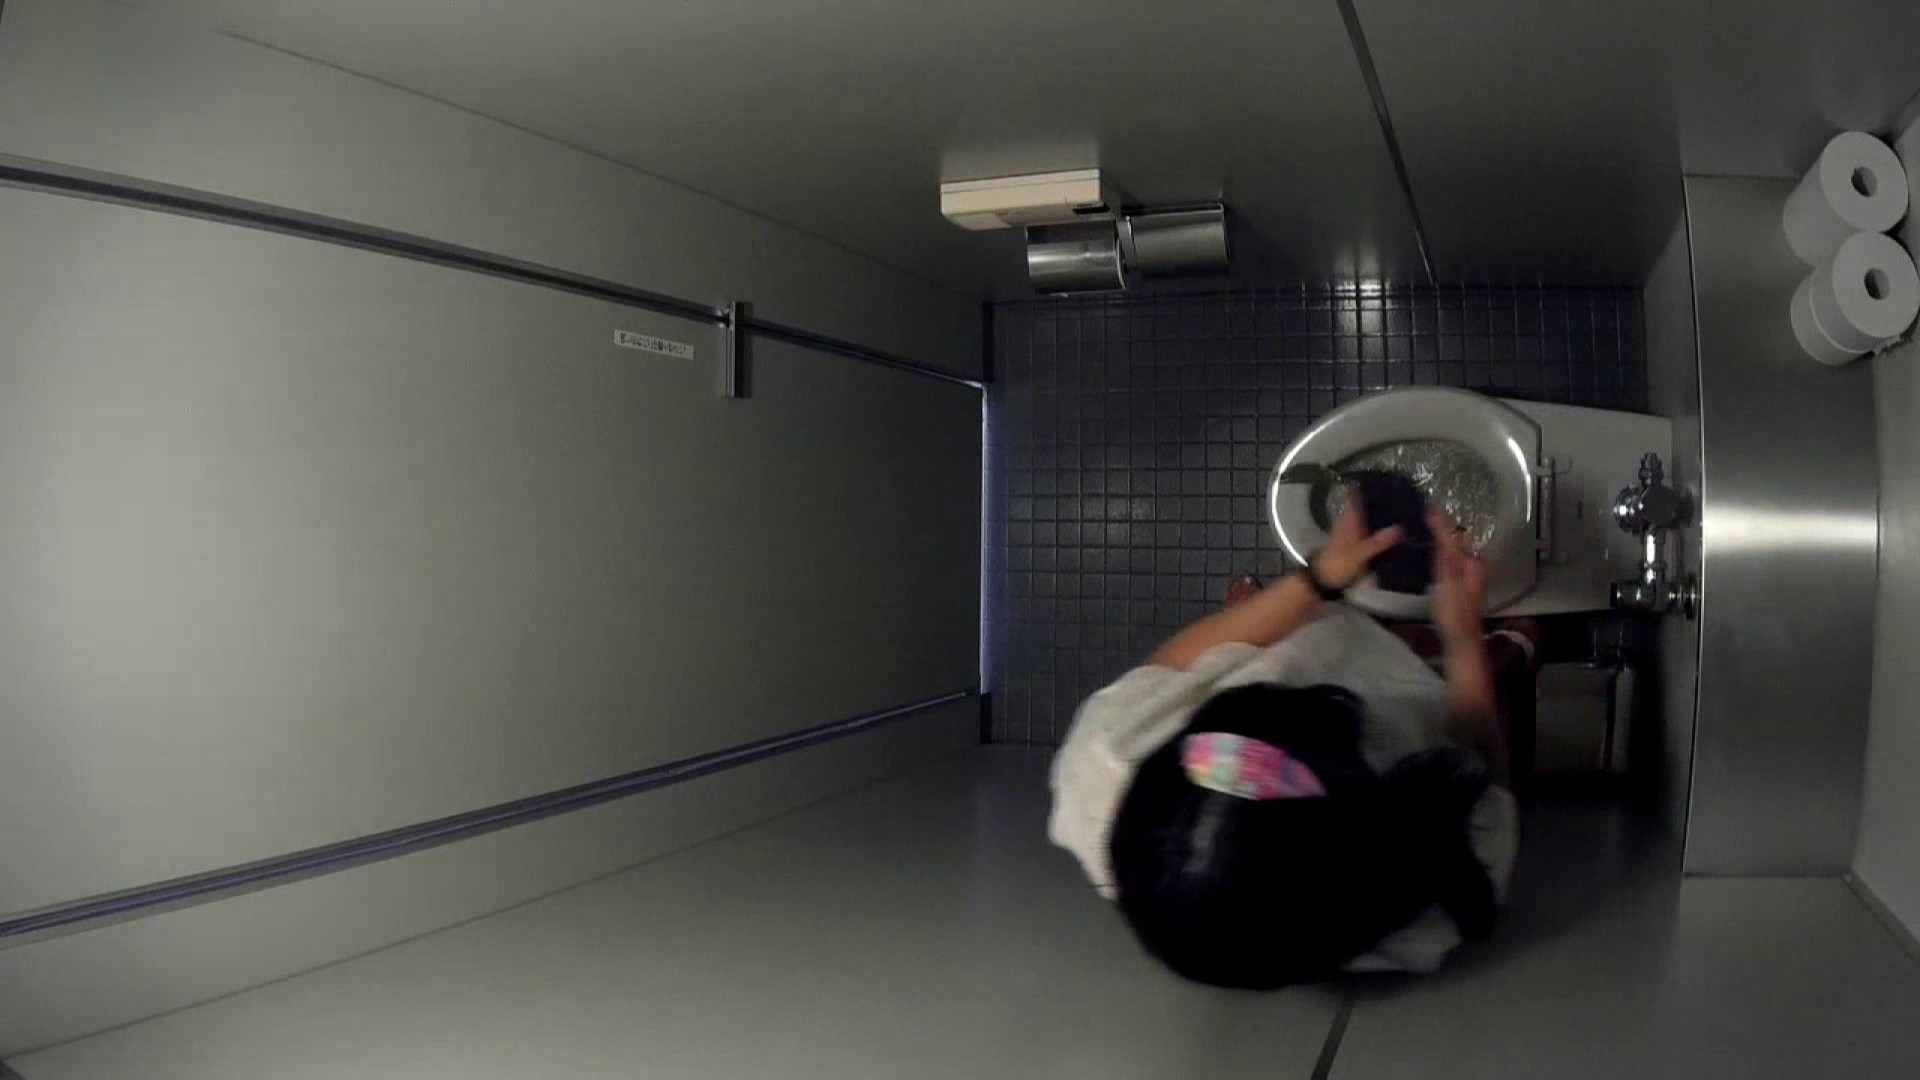 有名大学女性洗面所 vol.45 冴え渡る多方向撮影!職人技です。 潜入 隠し撮りオマンコ動画紹介 10pic 3